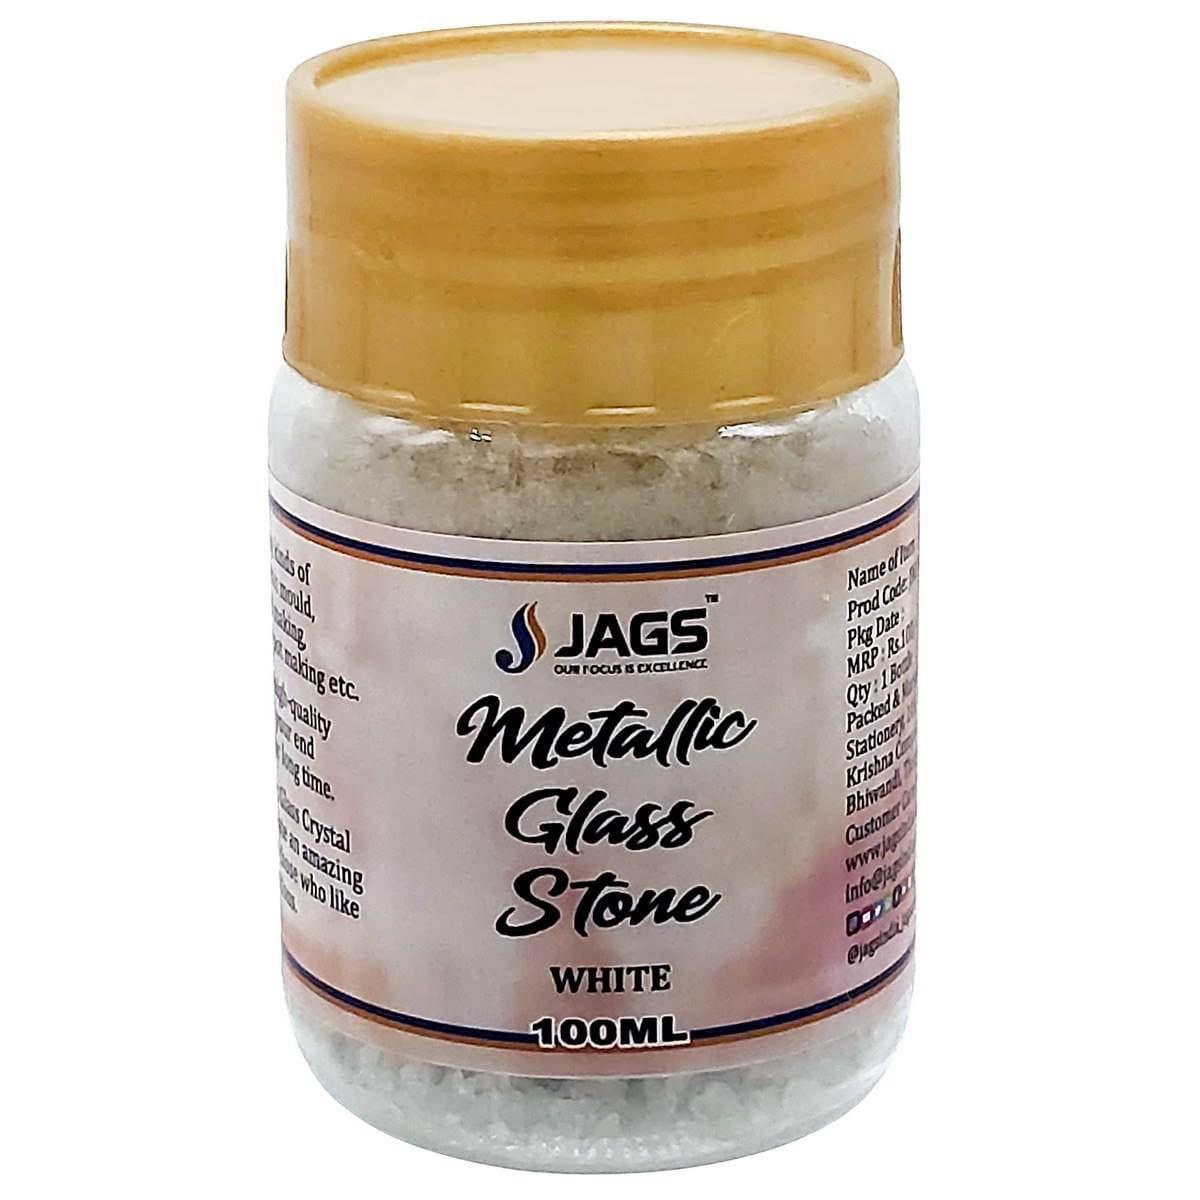 Micro Metallic Glass Stone White